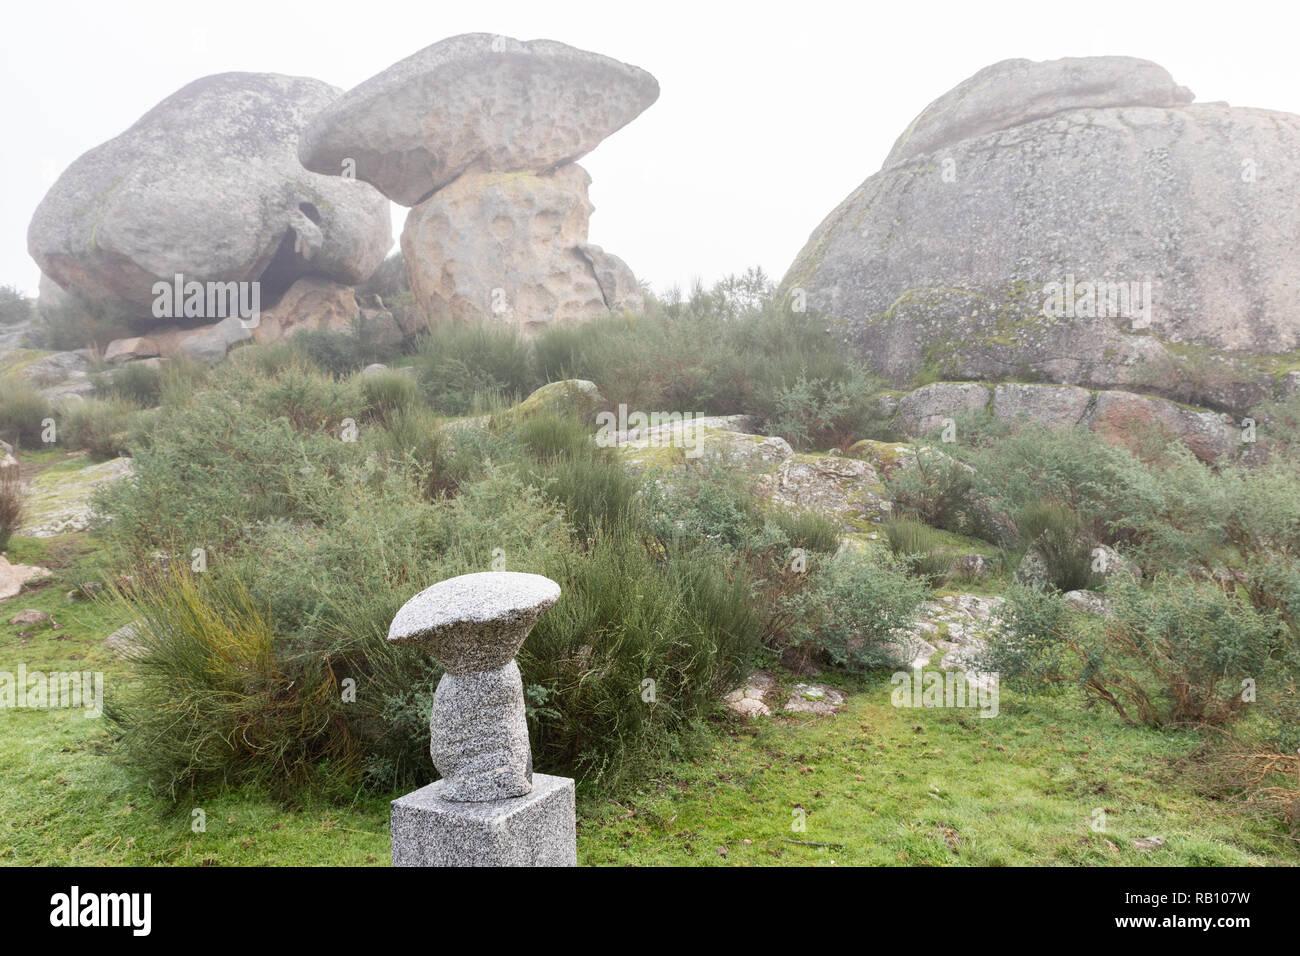 Il Fungo. La seta. Paesaggio con la nebbia in zona naturale dell'Barruecos. Extremadura. Spagna. Immagini Stock